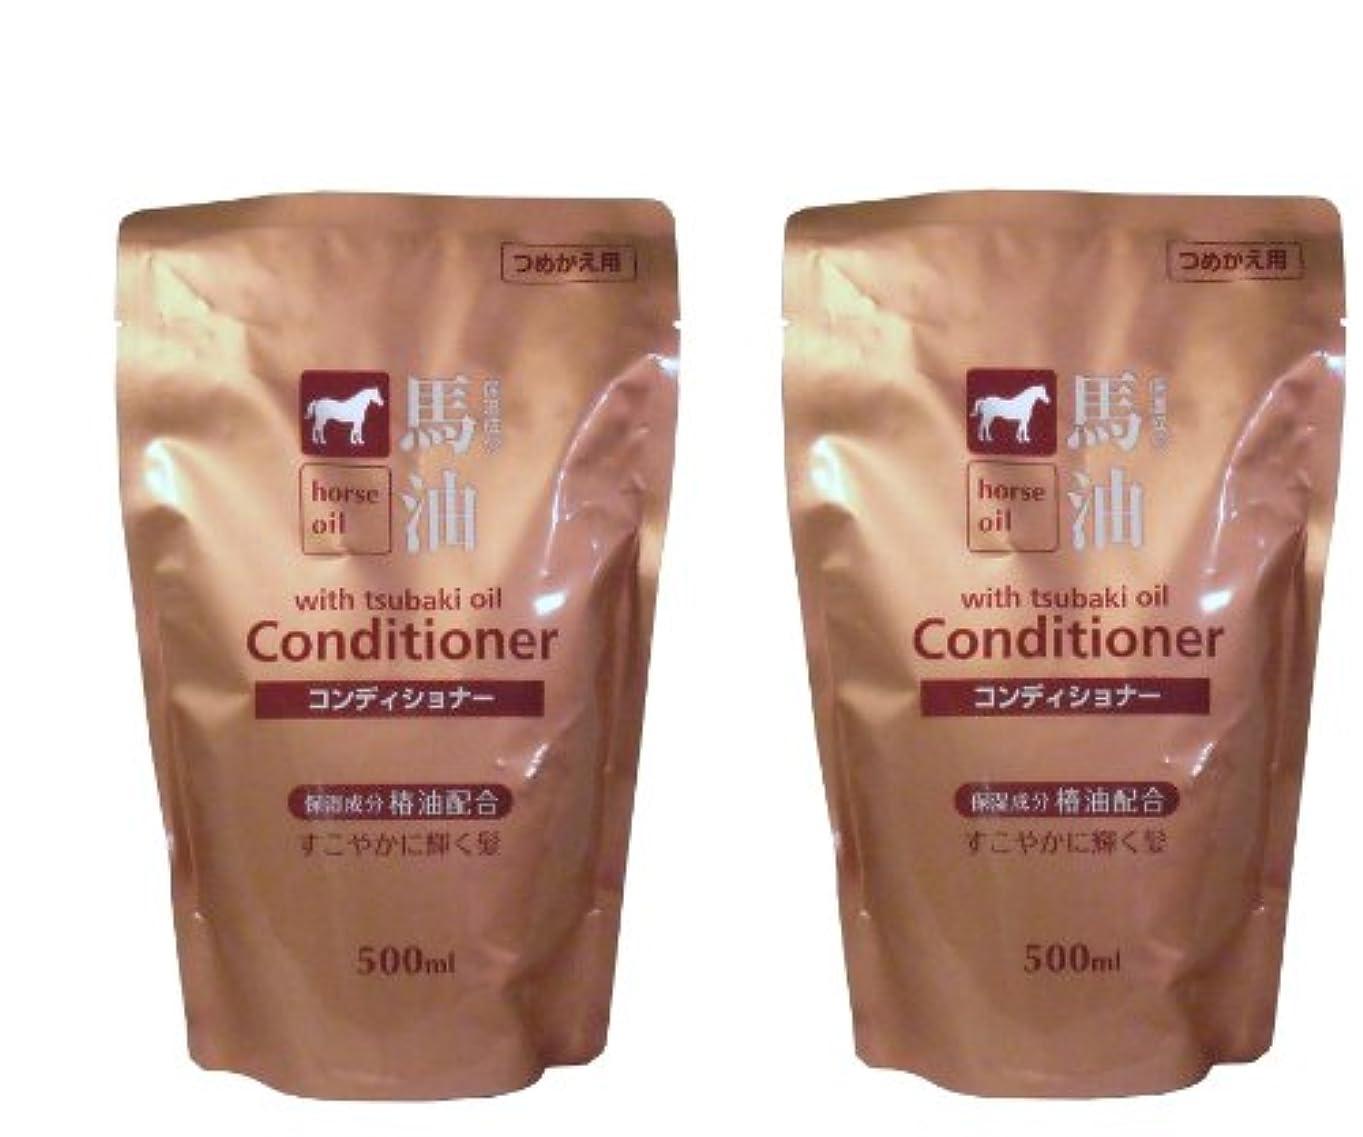 減少チャーターホイッスル馬油コンディショナー 椿油配合 詰替え用 2個セット(各500mL)  【日本製】